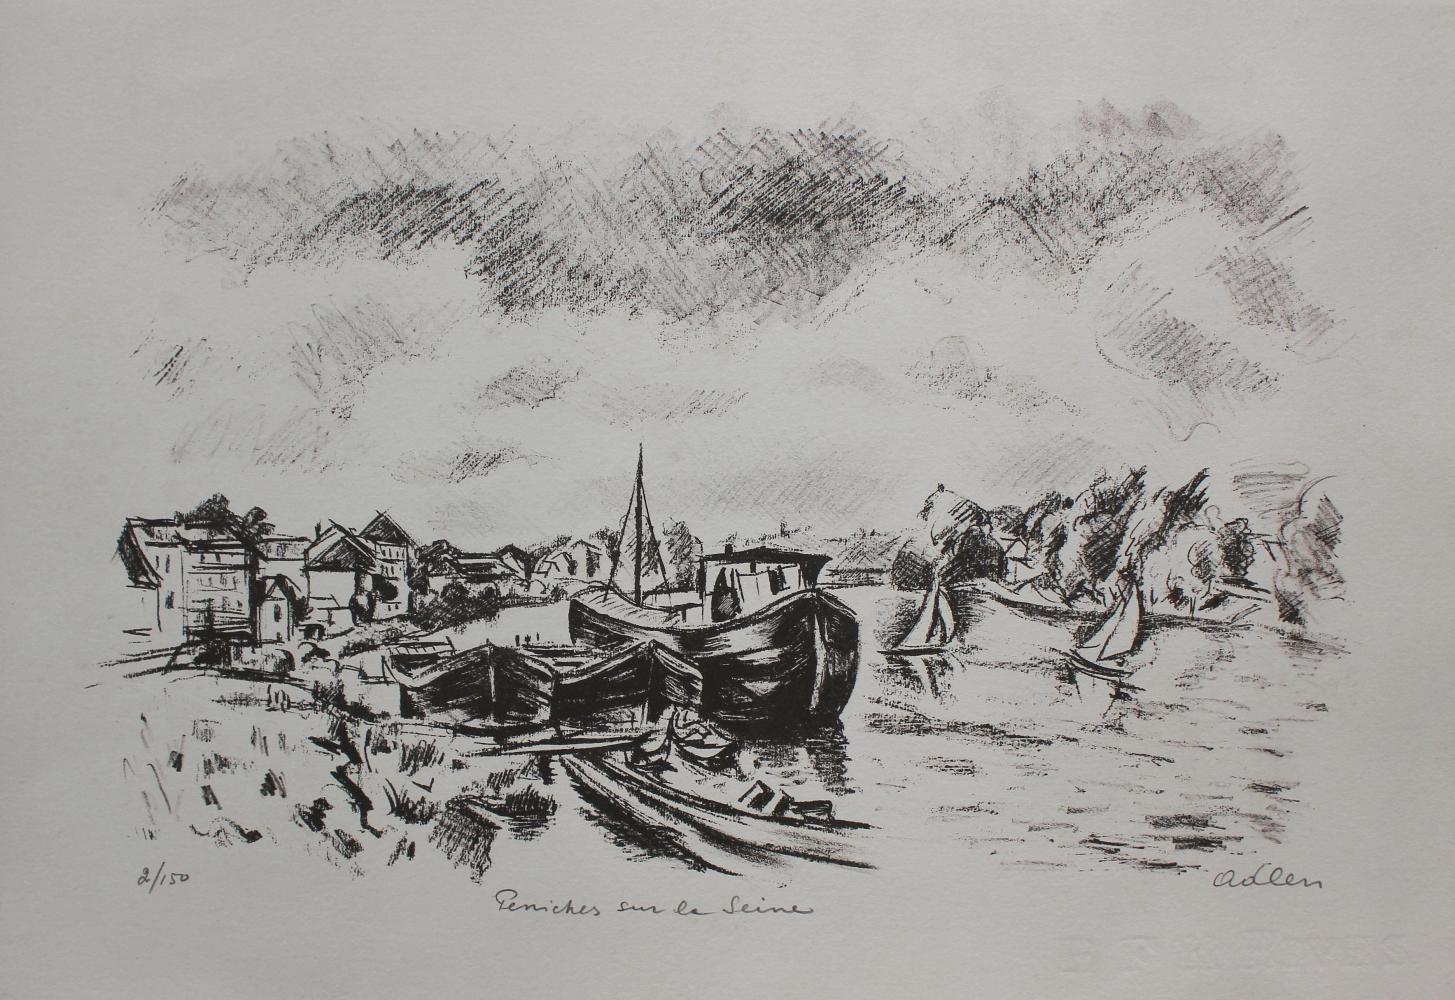 Peniches sur la Seine